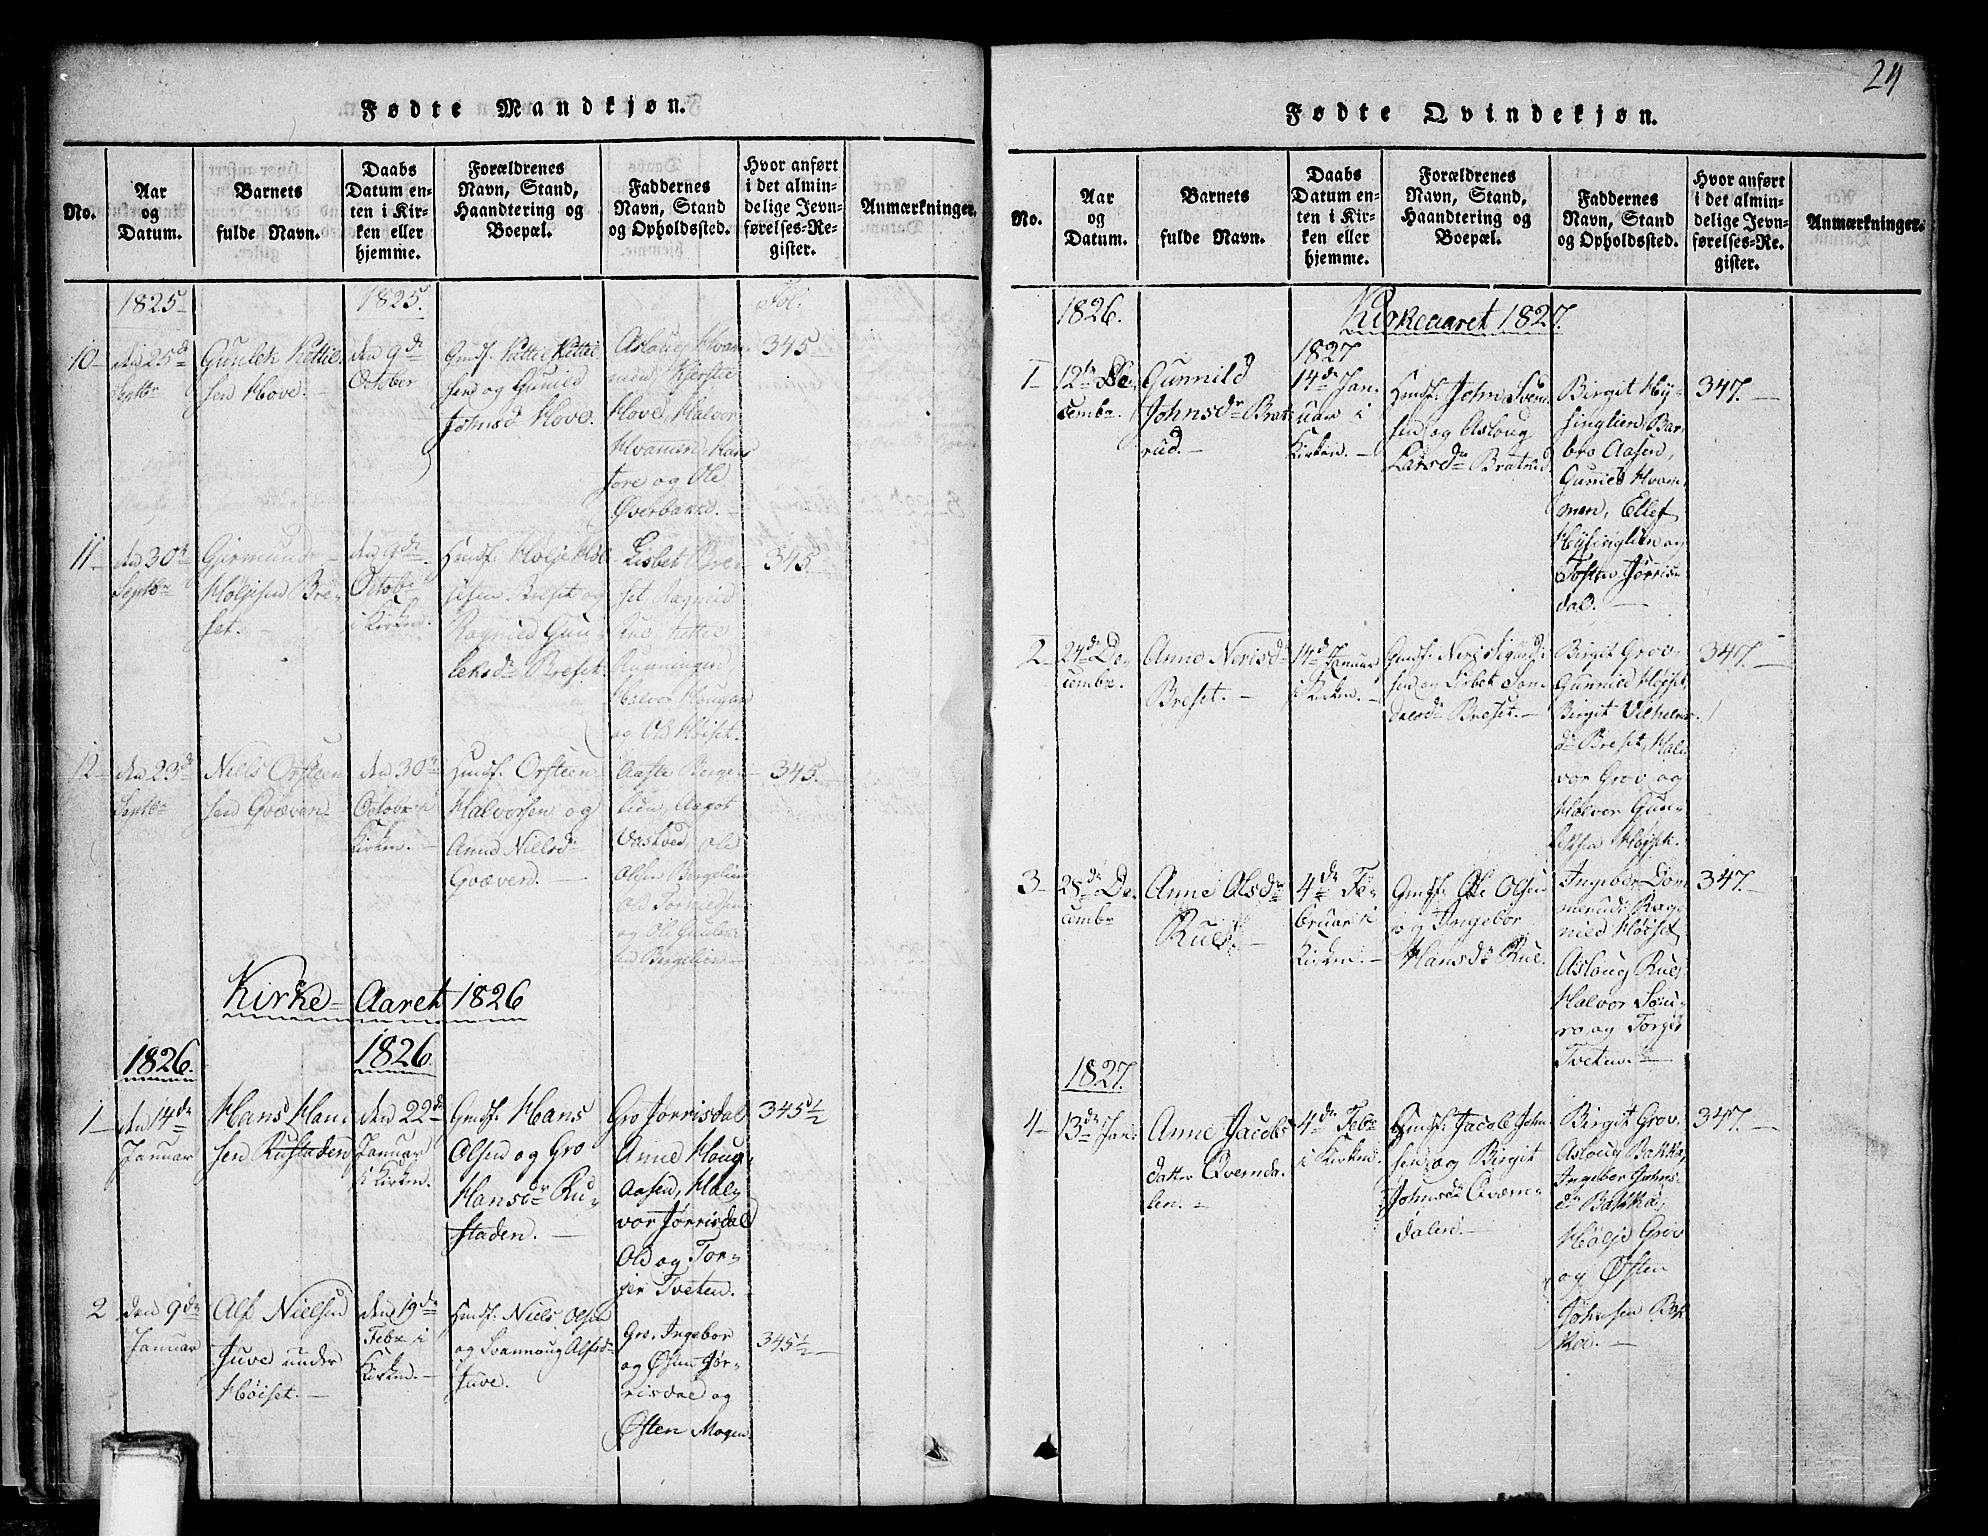 SAKO, Gransherad kirkebøker, G/Gb/L0001: Klokkerbok nr. II 1, 1815-1860, s. 24